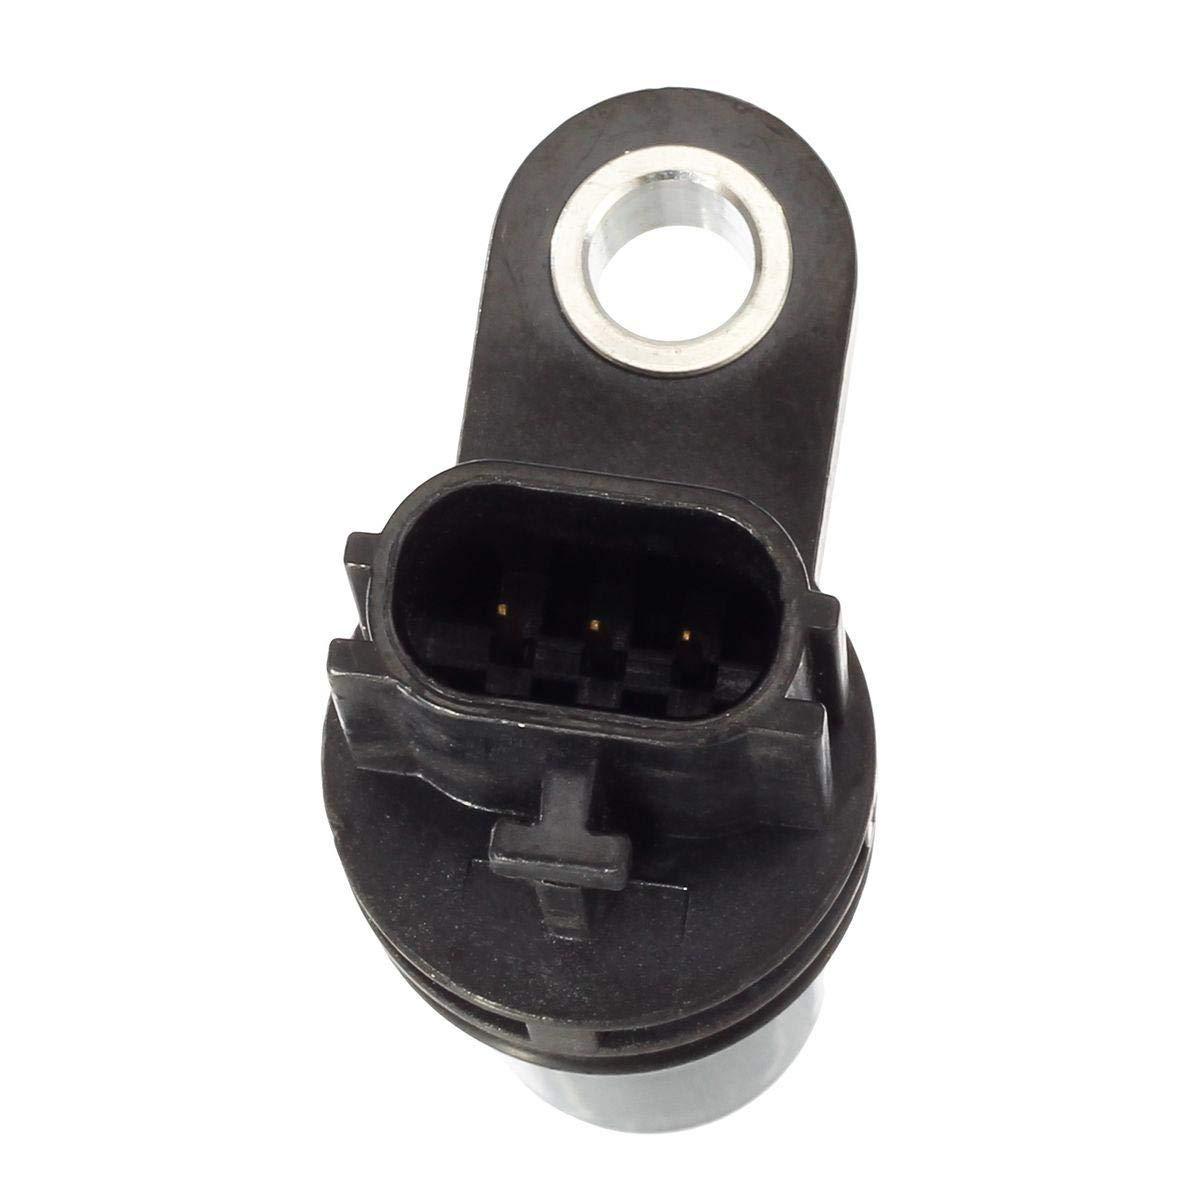 2PCS Camshaft Crankshaft Position Sensor CPS PC461 For Nissan 350Z Altima Quest